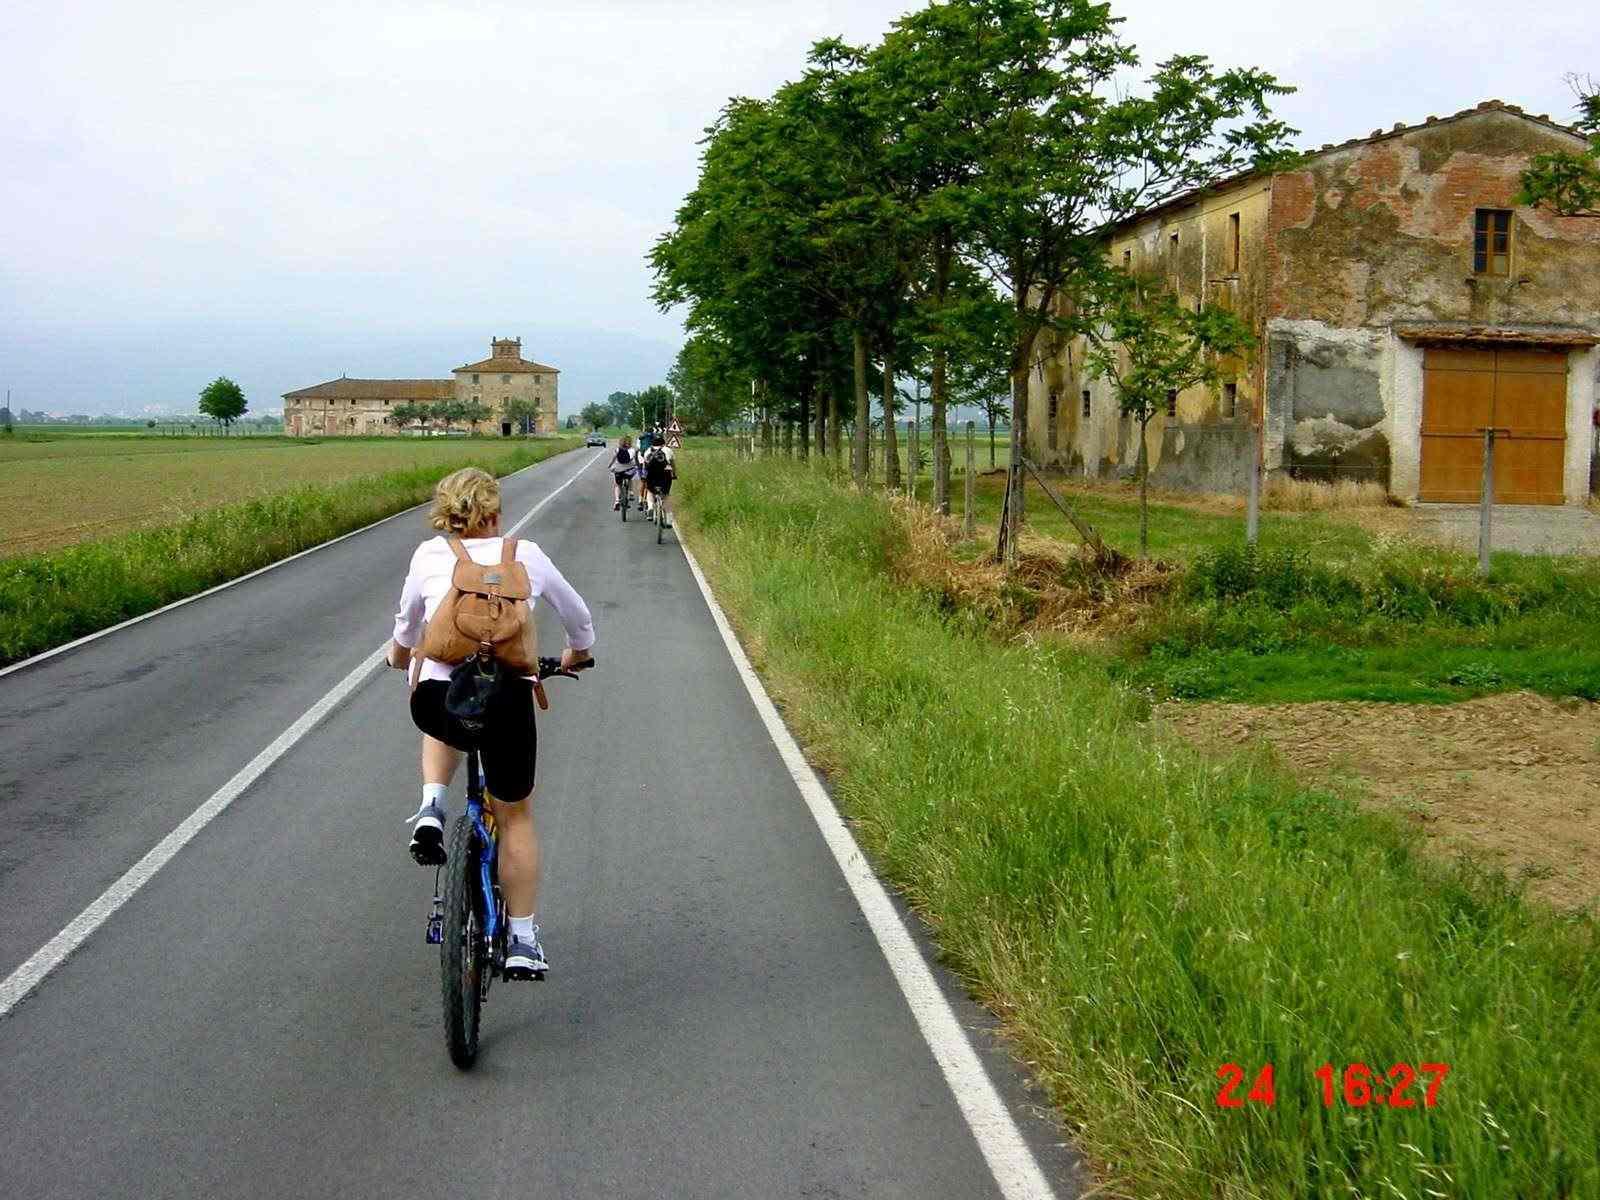 Foto: Manfred Karl / Mountainbike Tour / Von Castiglion Fiorentino zum Lago Trasimeno / Der Rückweg nach Castiglion zieht sich schon. / 20.06.2007 17:11:33